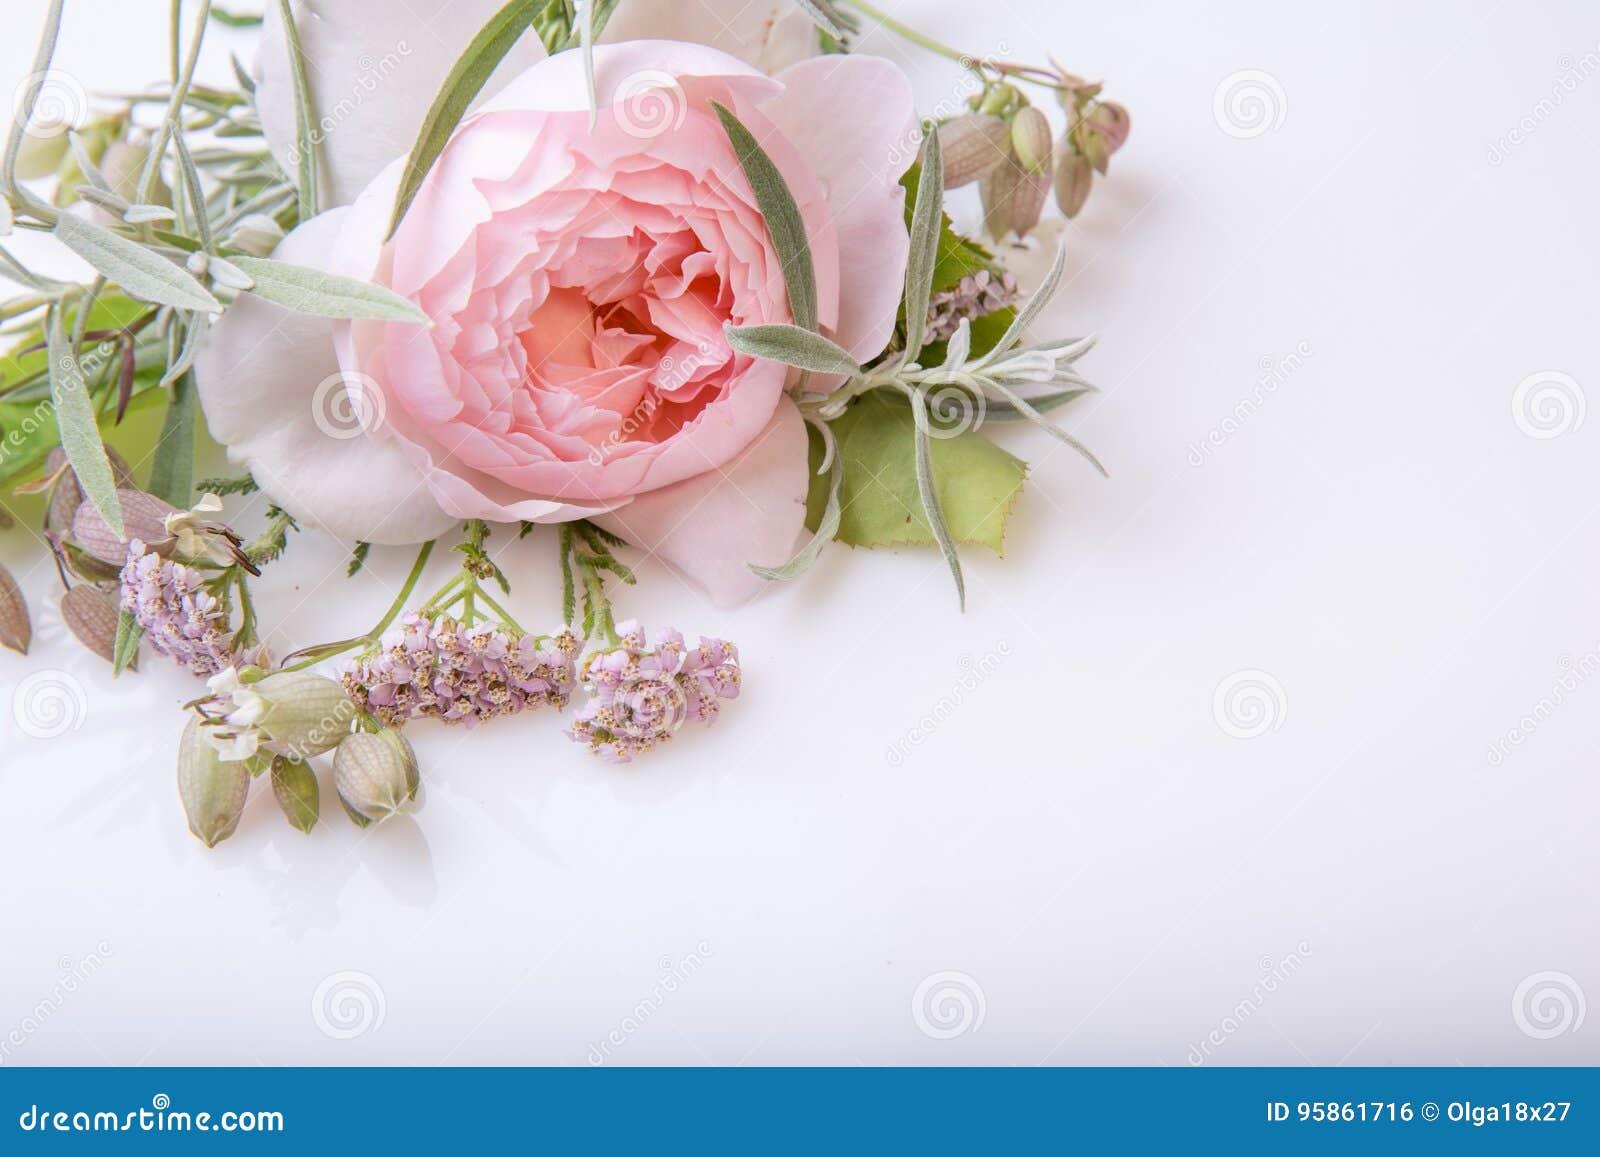 Mazzo Di Fiori Un Inglese.Mazzo Rosa Del Fiore Di Bello Inglese Su Fondo Bianco Fotografia